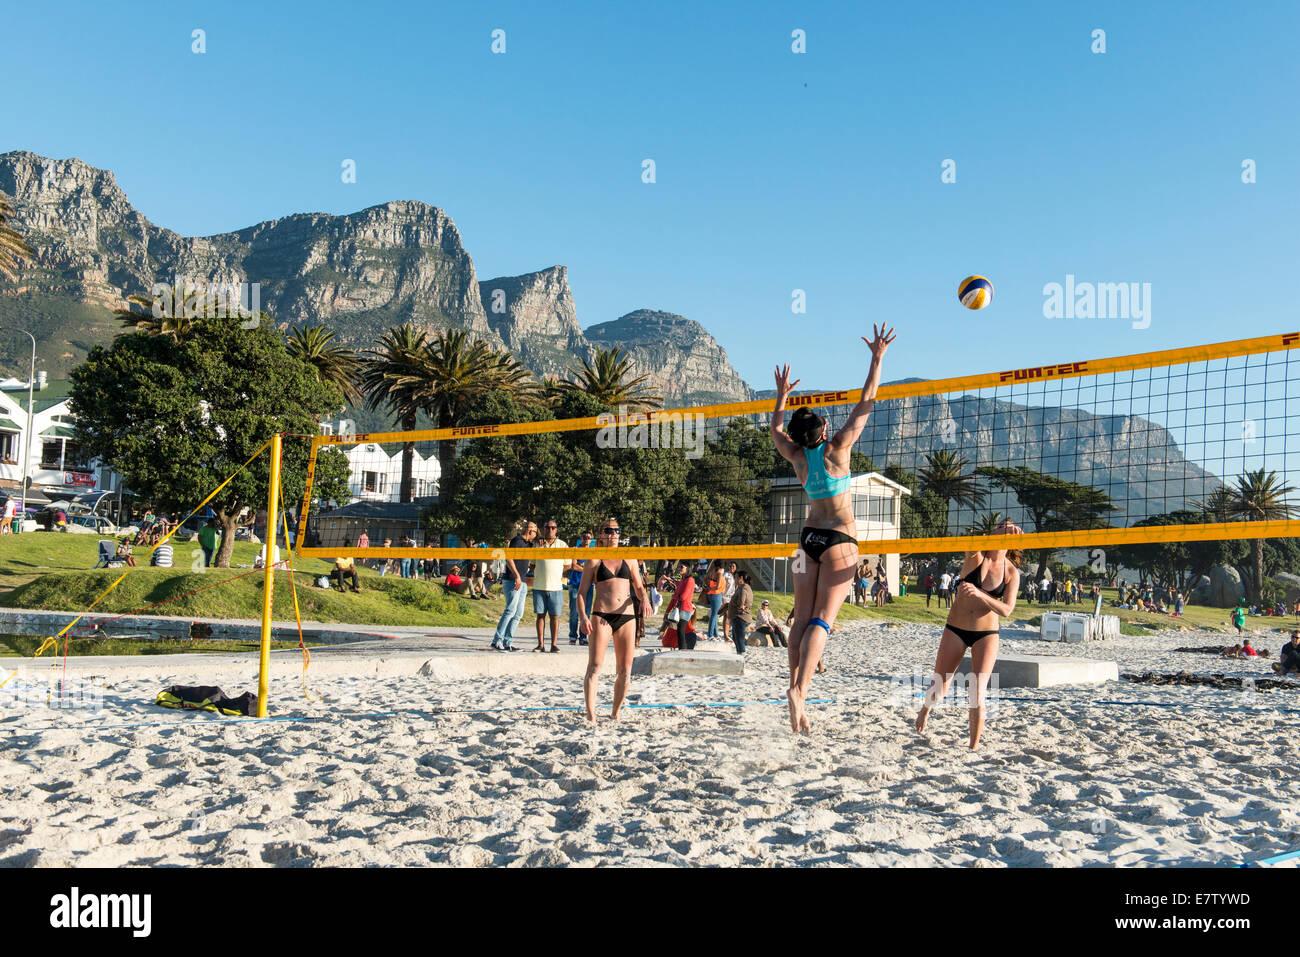 Los jugadores de voley playa en la playa de Camps Bay, Ciudad del Cabo, Sudáfrica Imagen De Stock